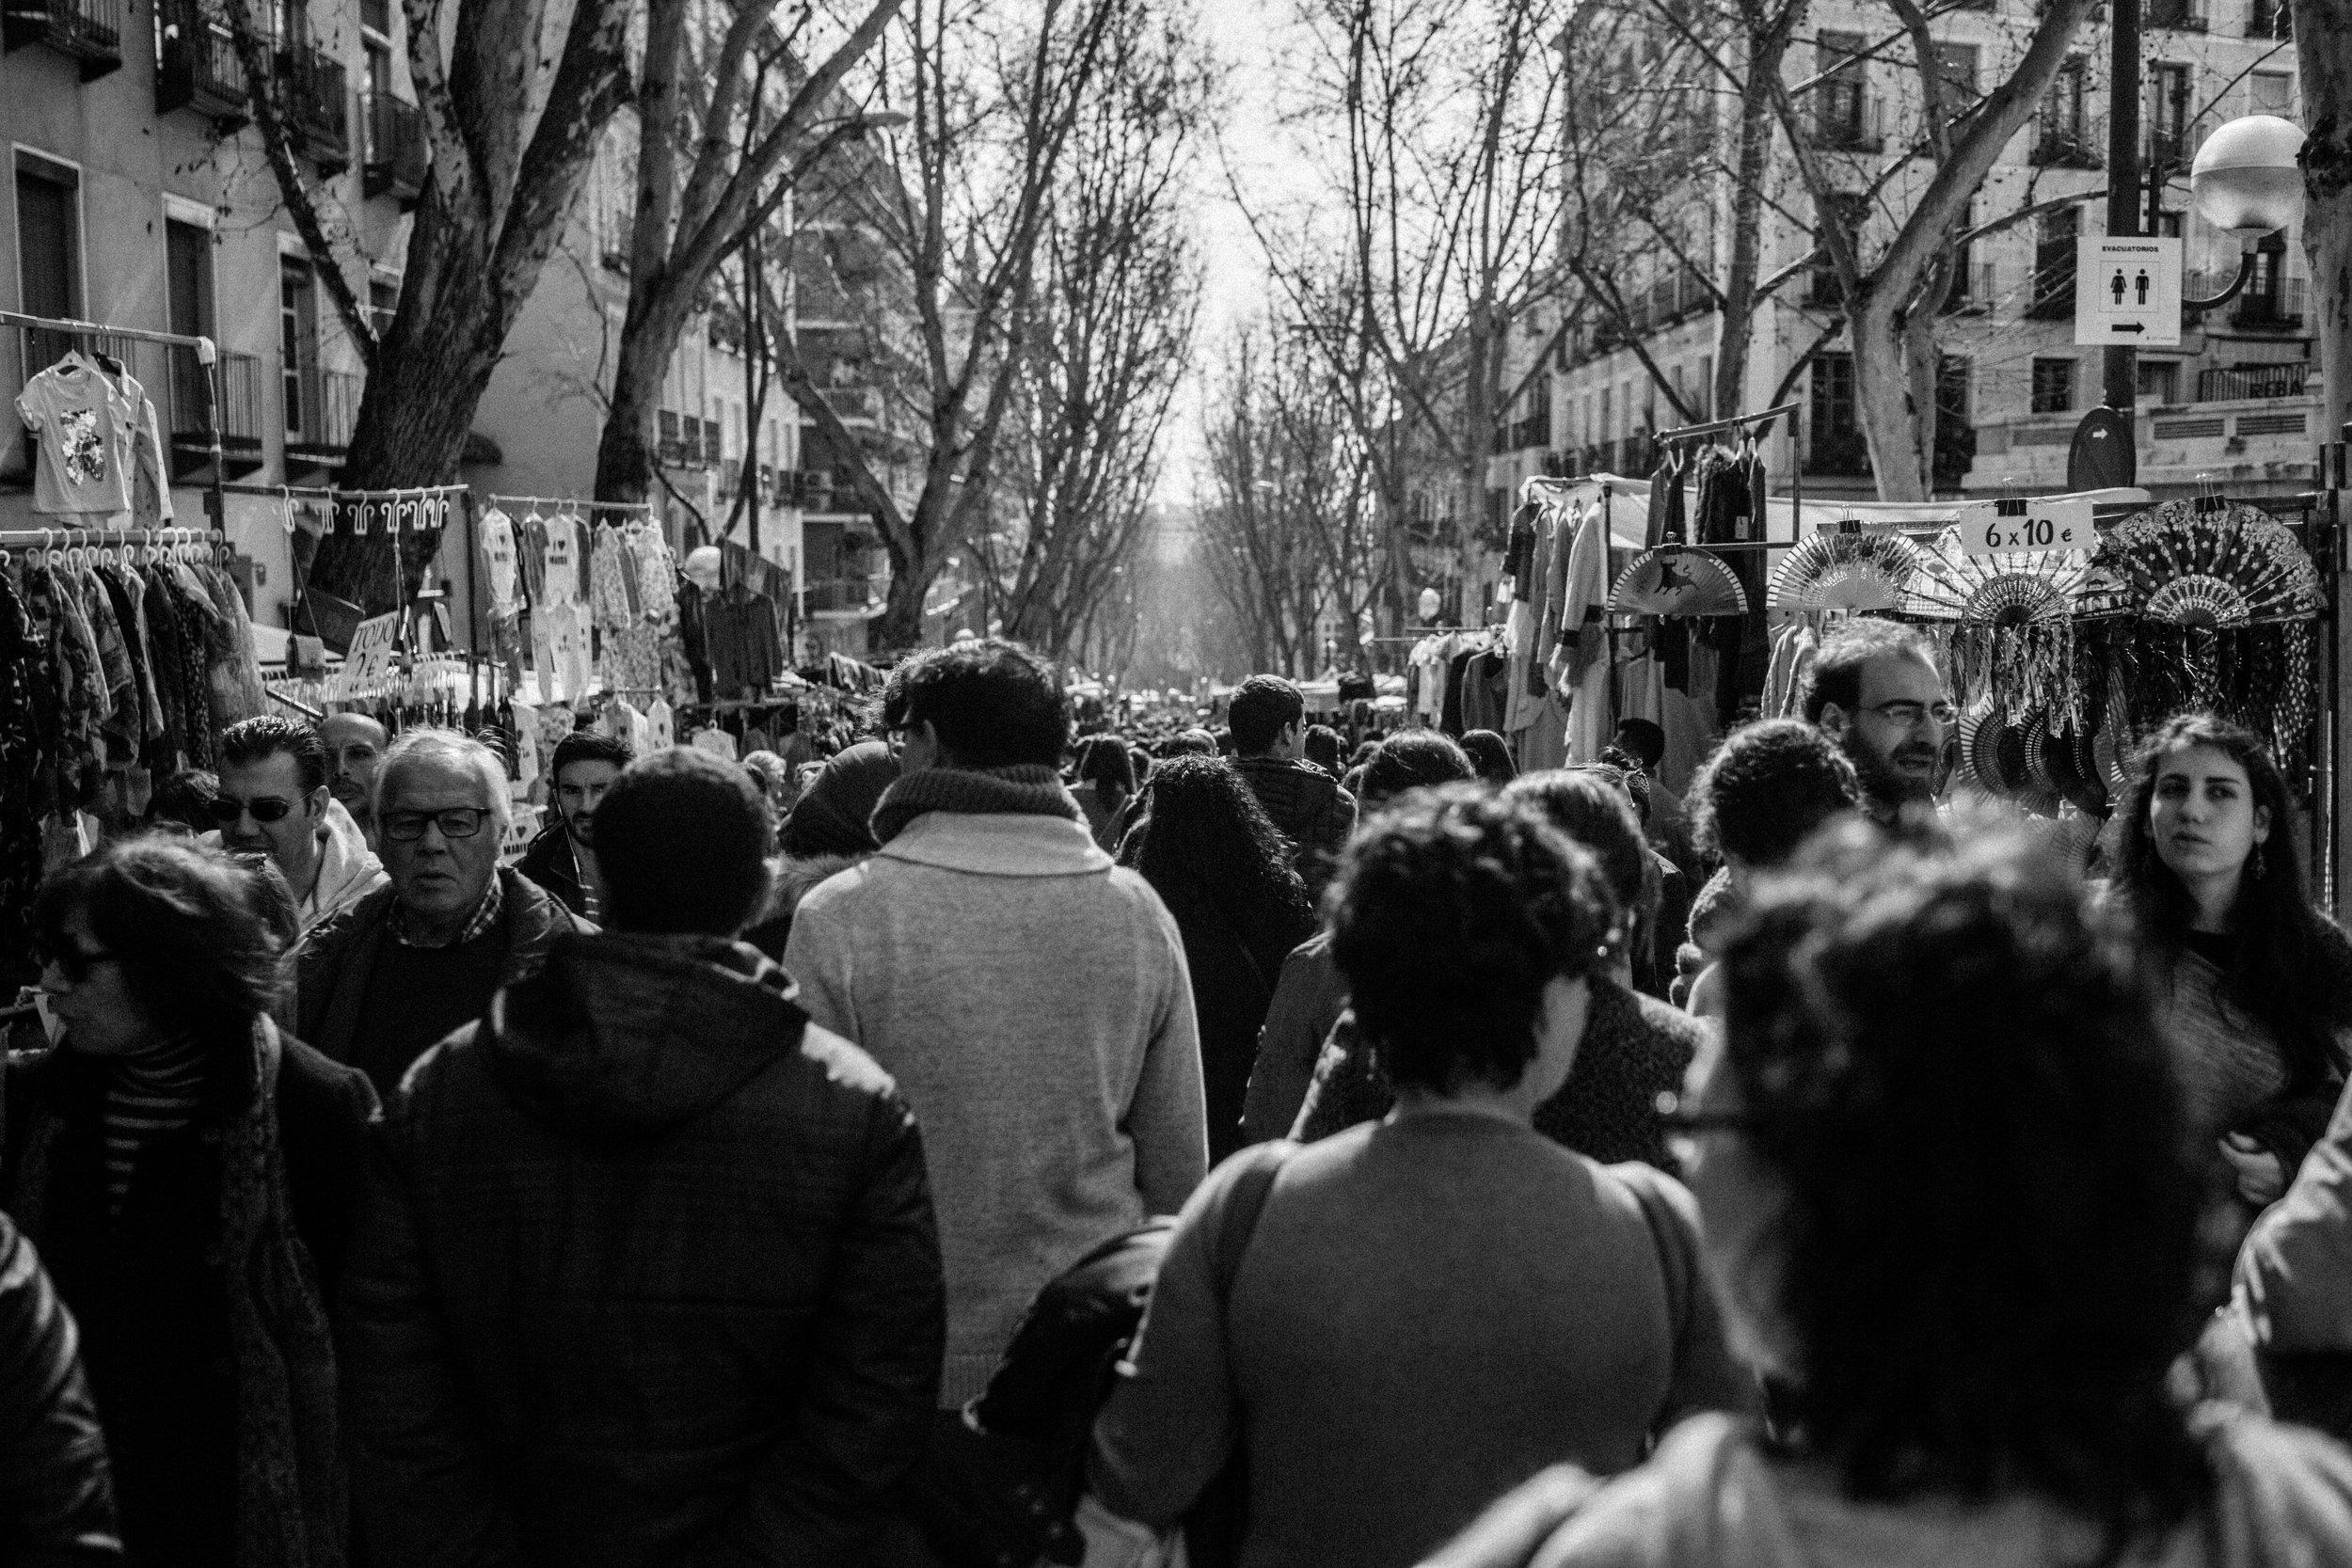 El rastro de Madrid by jorge Güiro 34.jpg